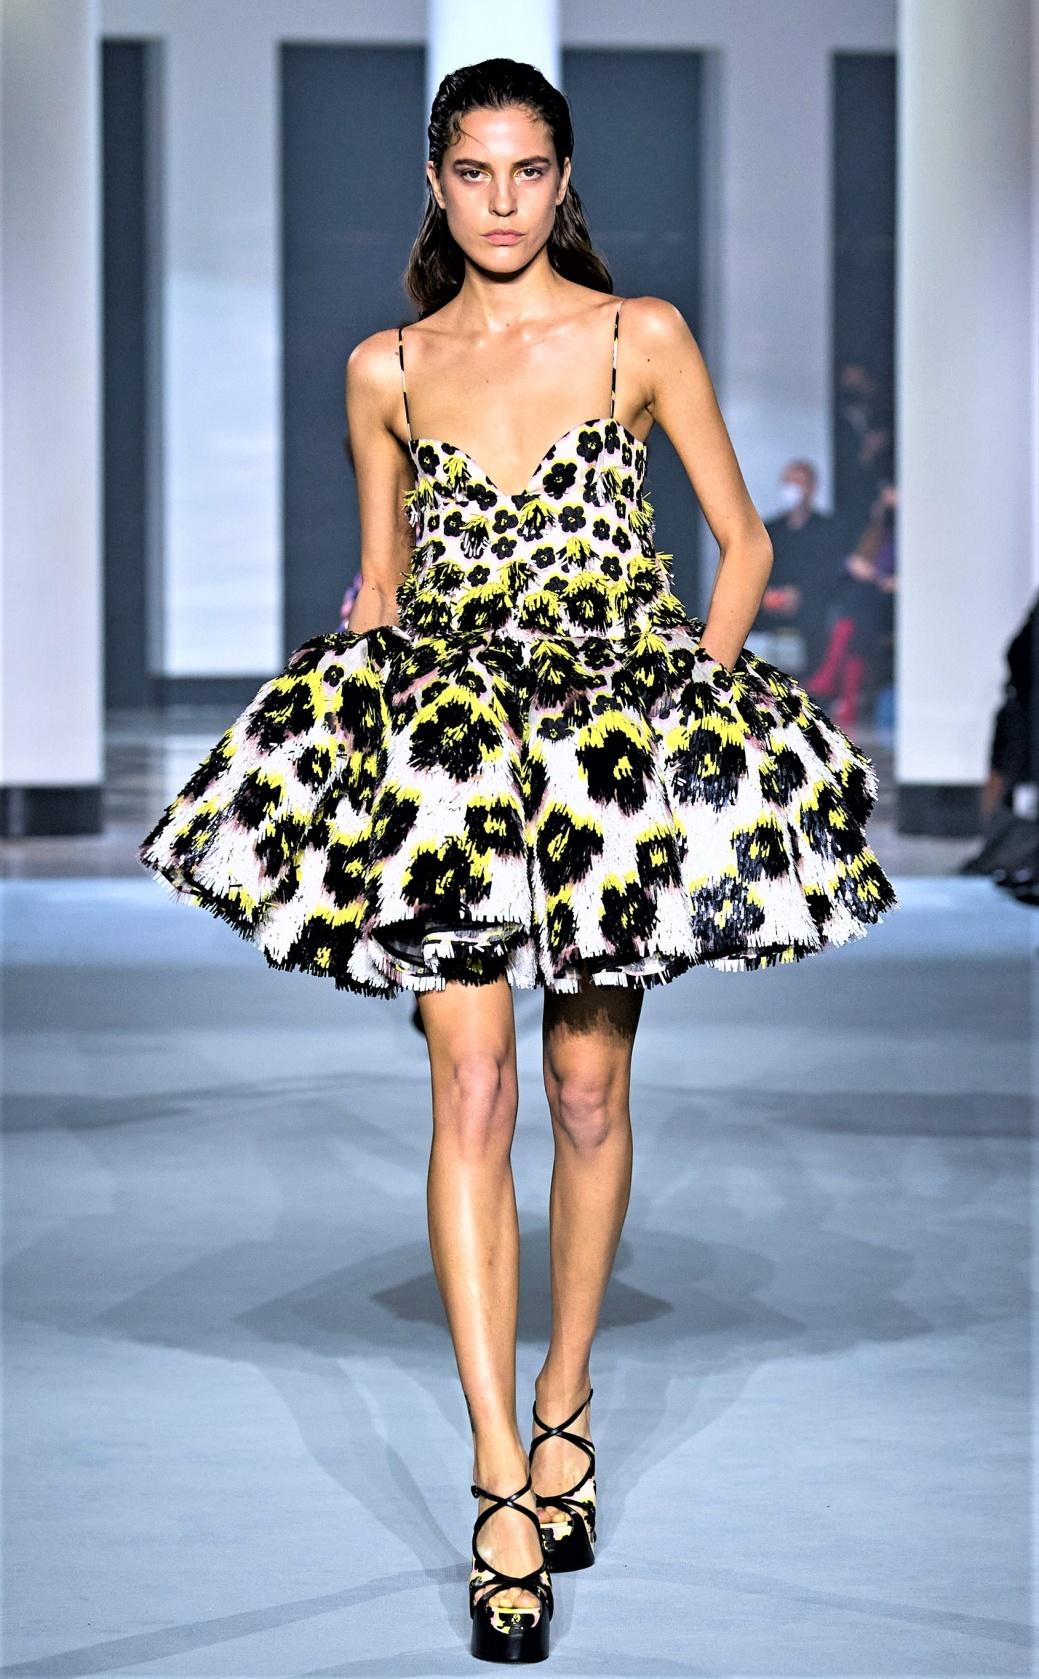 Paris 2. Lanvin Puff skirt vog cropped.jpg